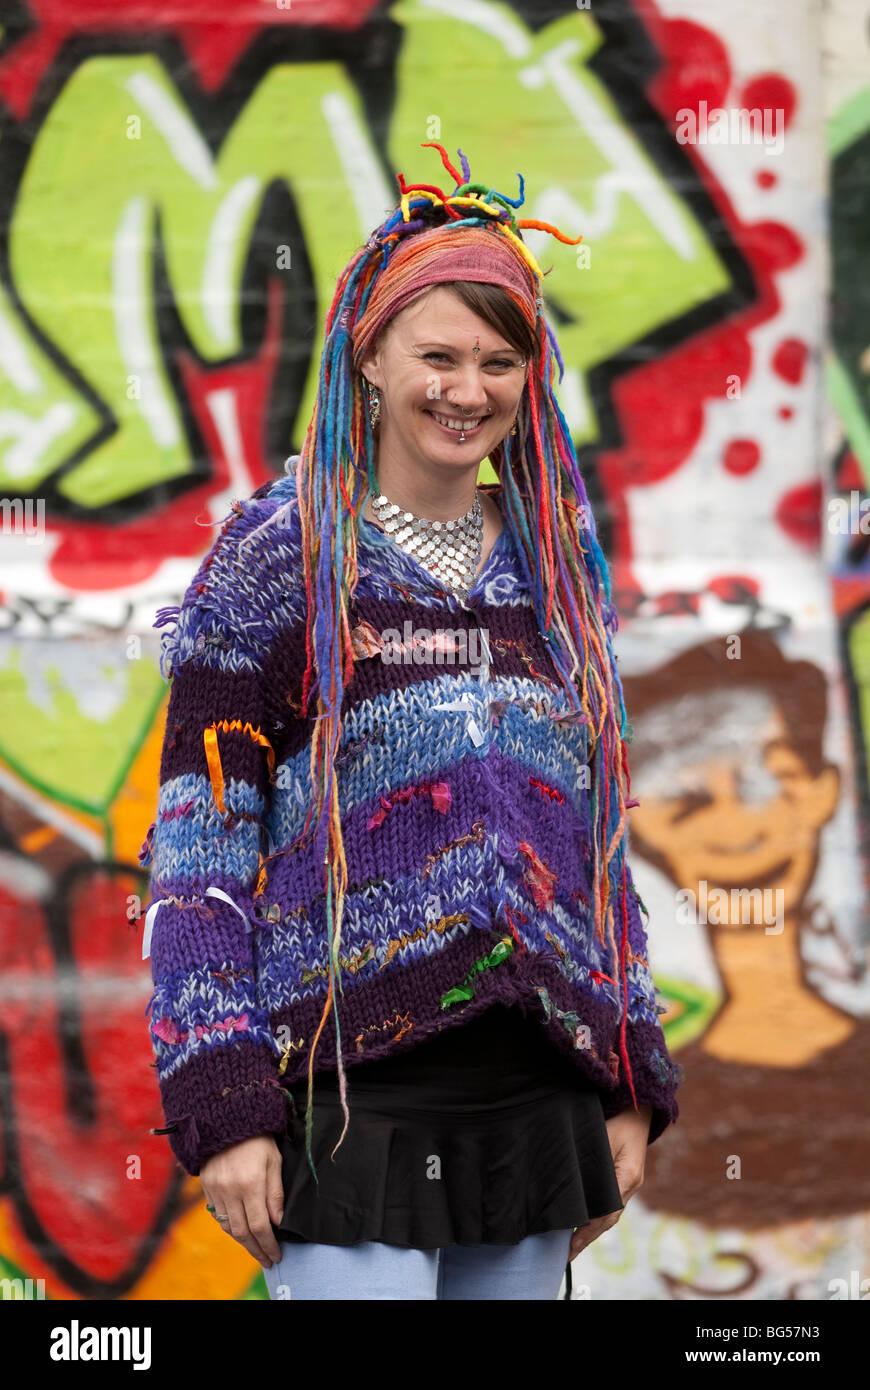 Alternative Kleidung junge frau hippie mit multi coloriertes haar und alternative